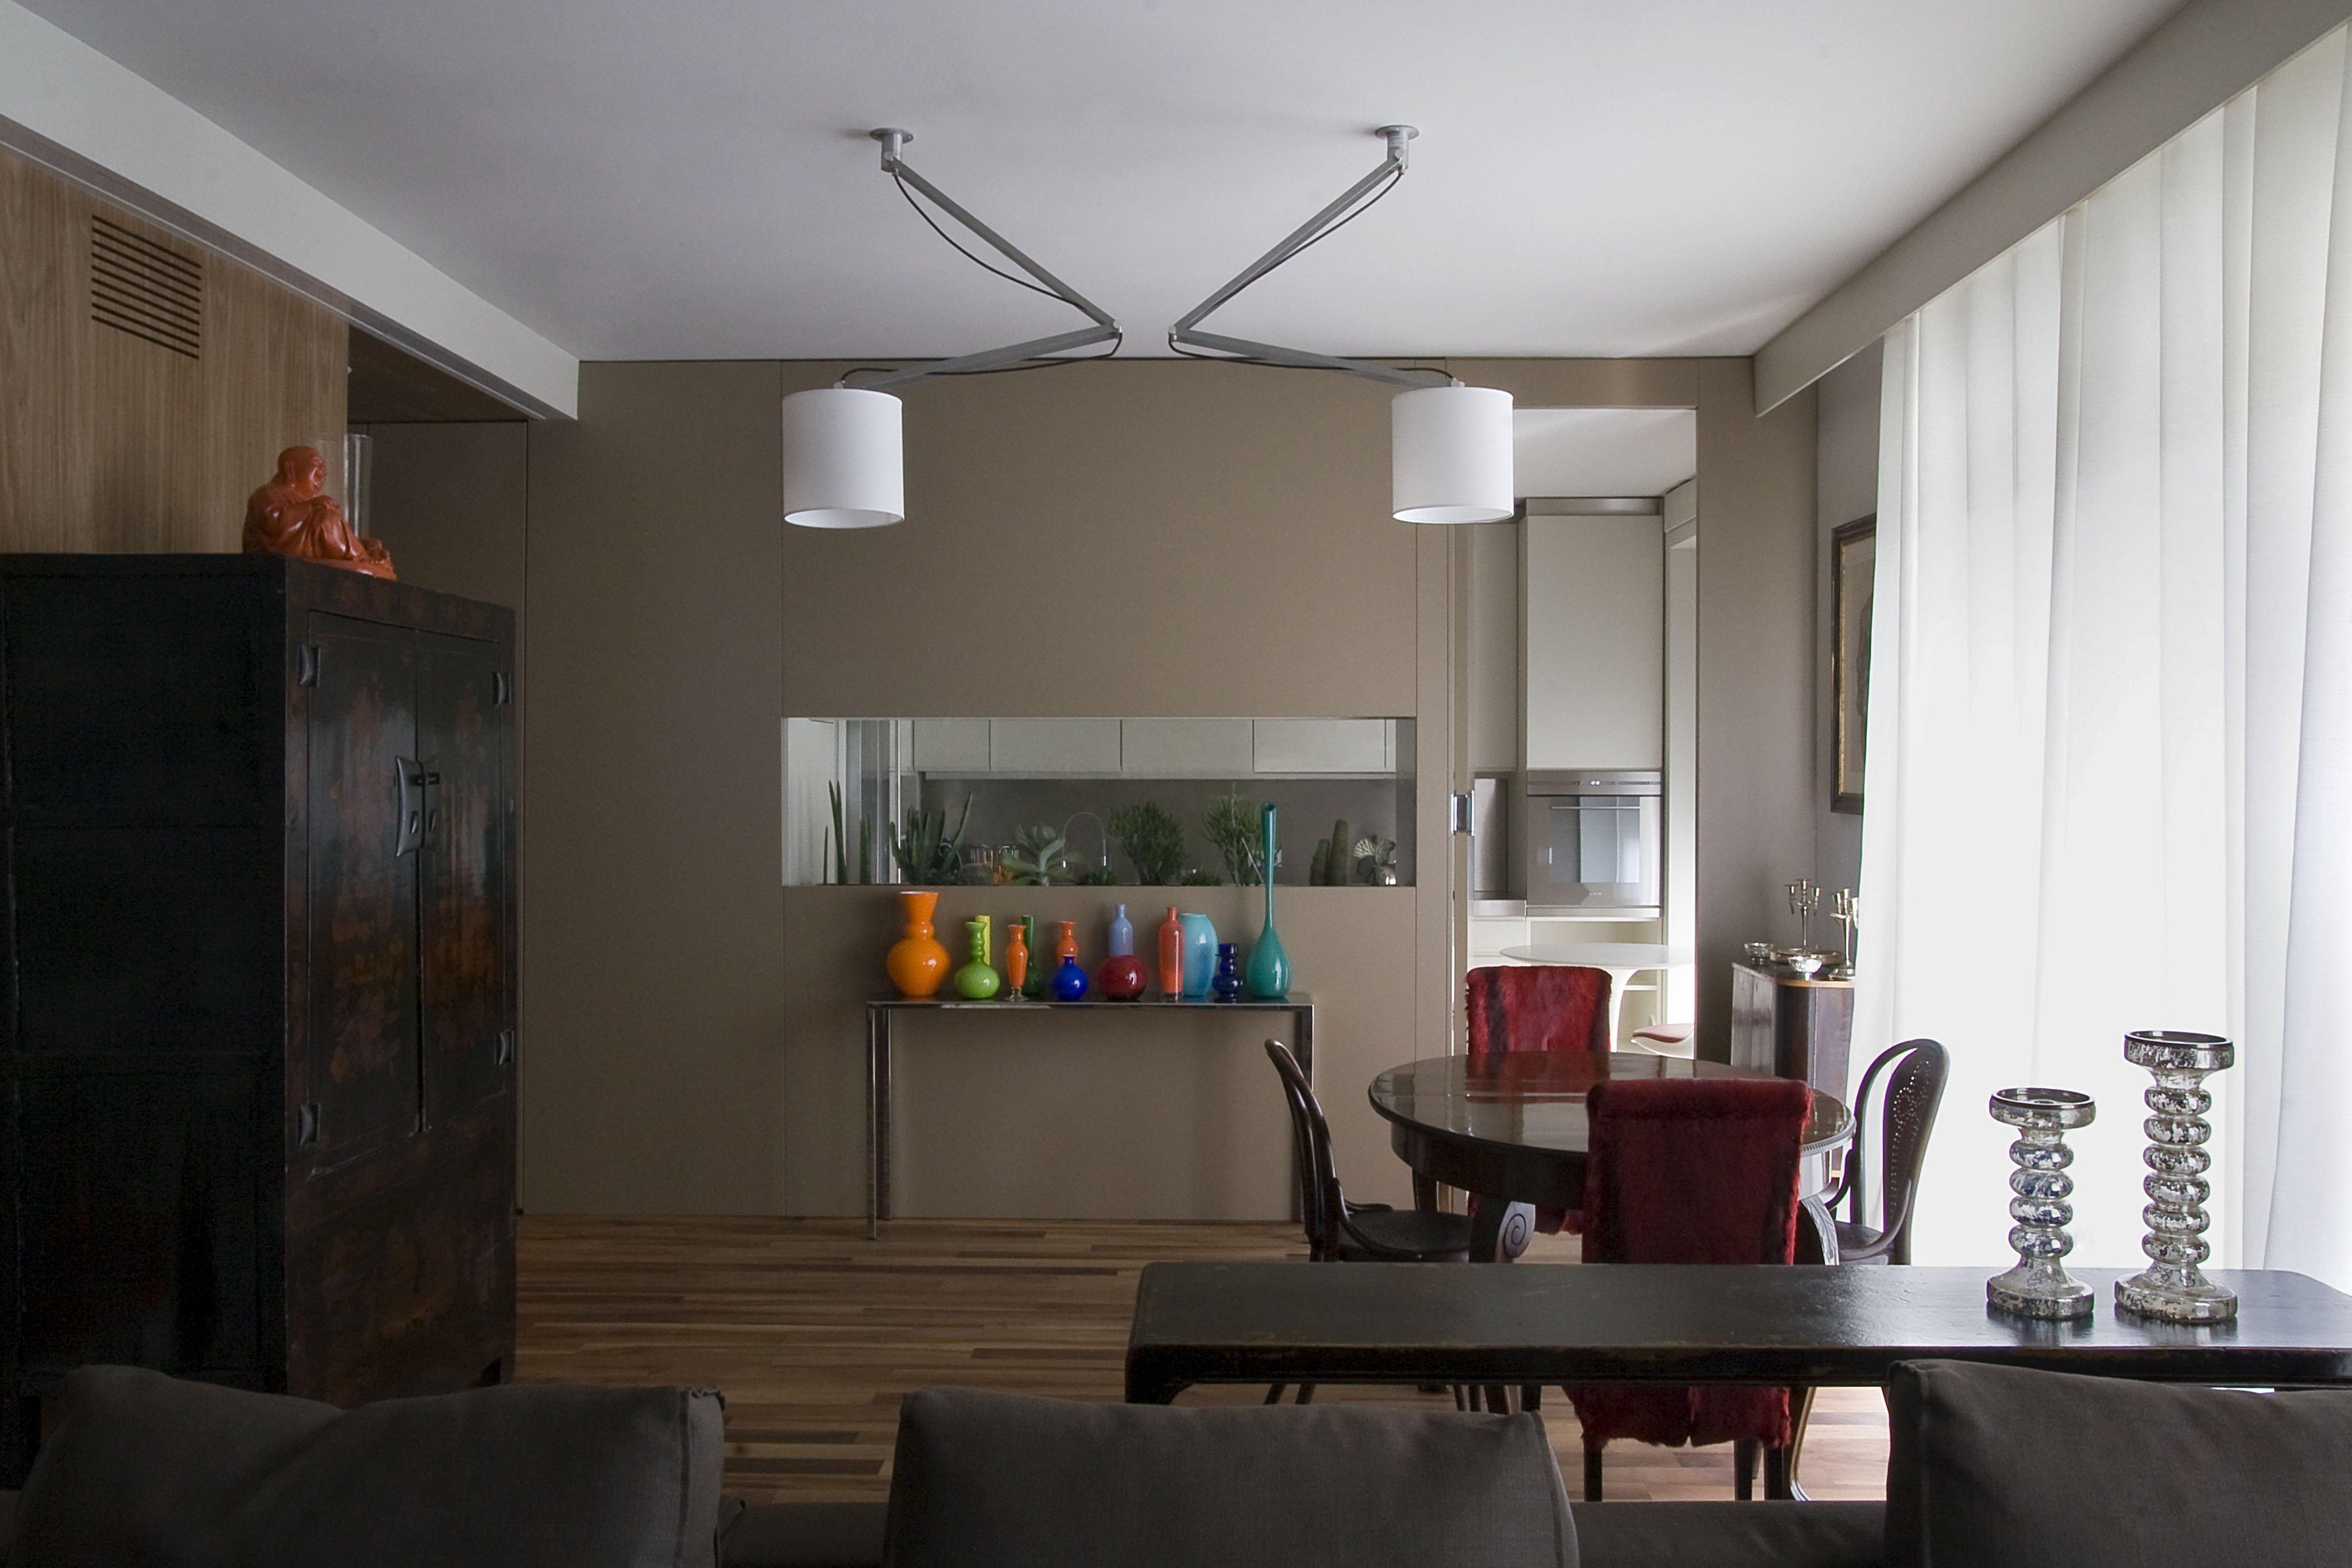 stanza con finestra aperta,un calorifero, scrivania con sotto una cassettiera bianca e sulla destra dei vestiti piegati